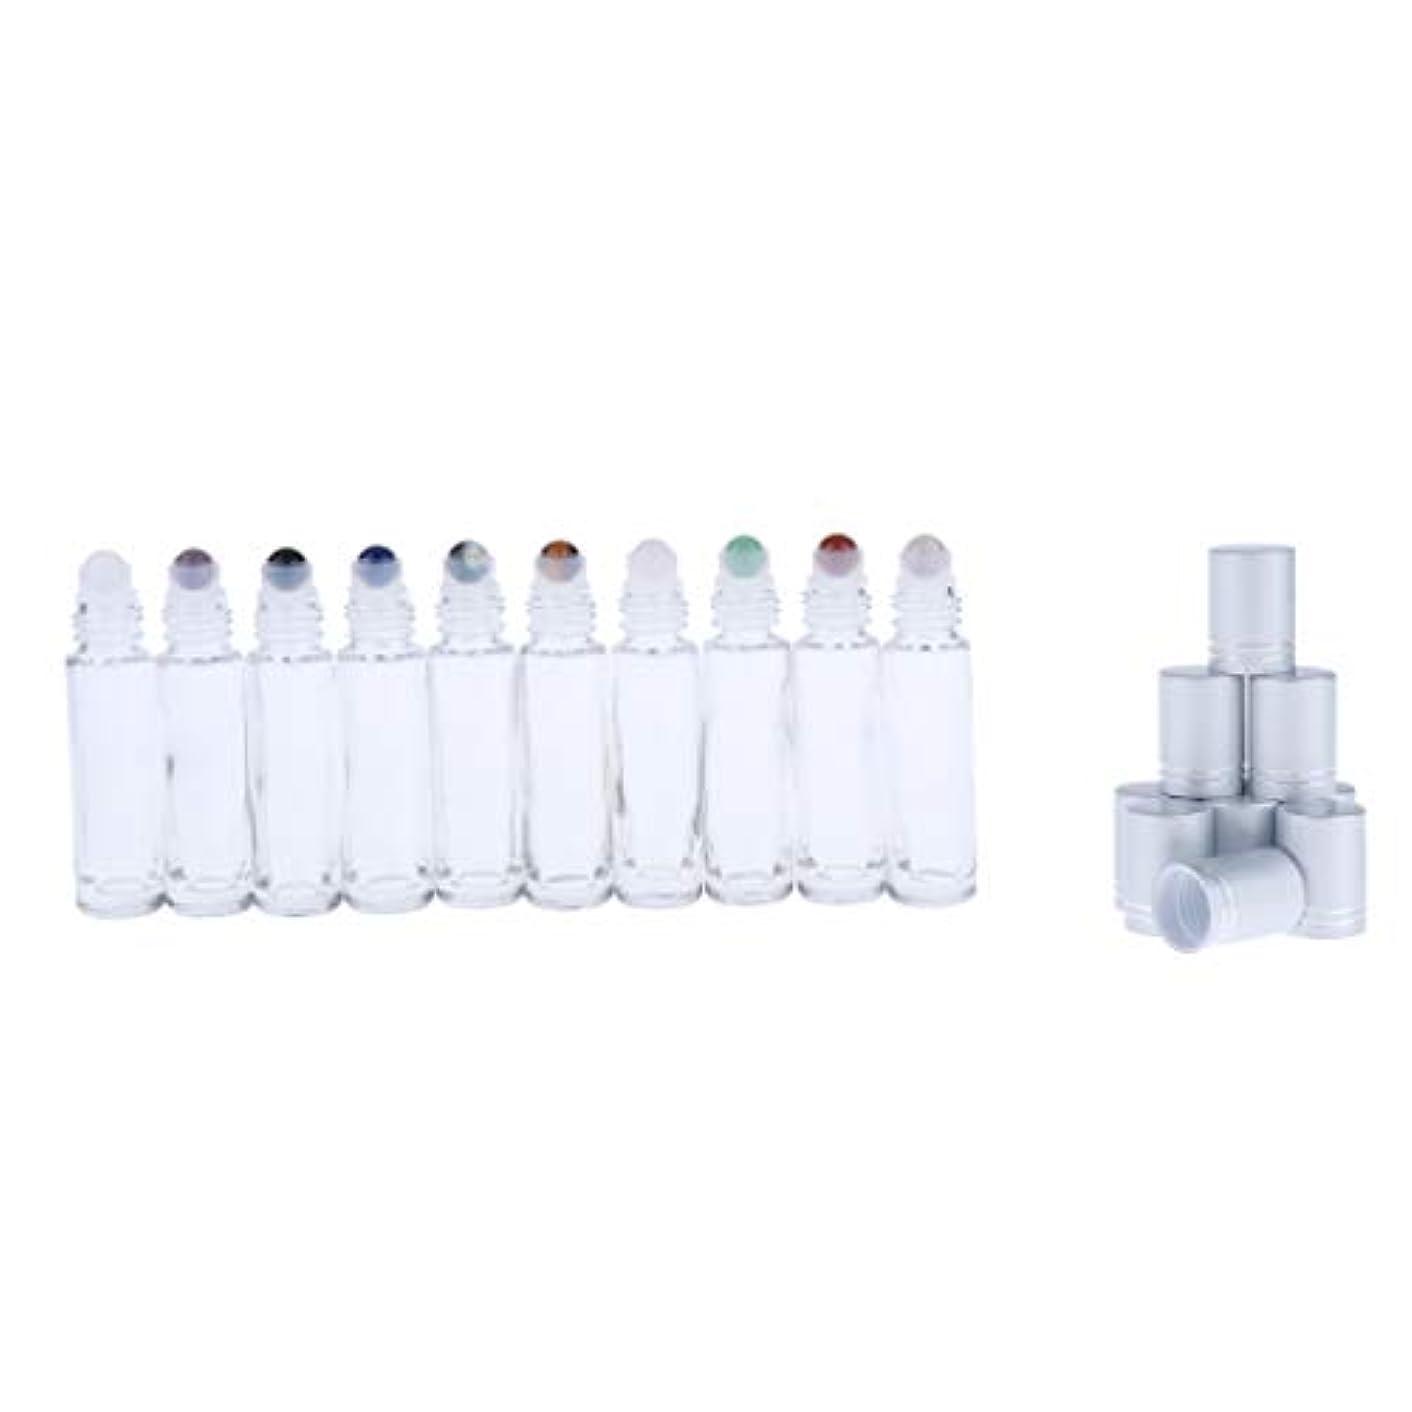 ファーム器用コンパイルsharprepublic 10個 ロールオンボトル ガラスボトル 精油 香水やアロマの保存 詰替え 小分け用 10ml